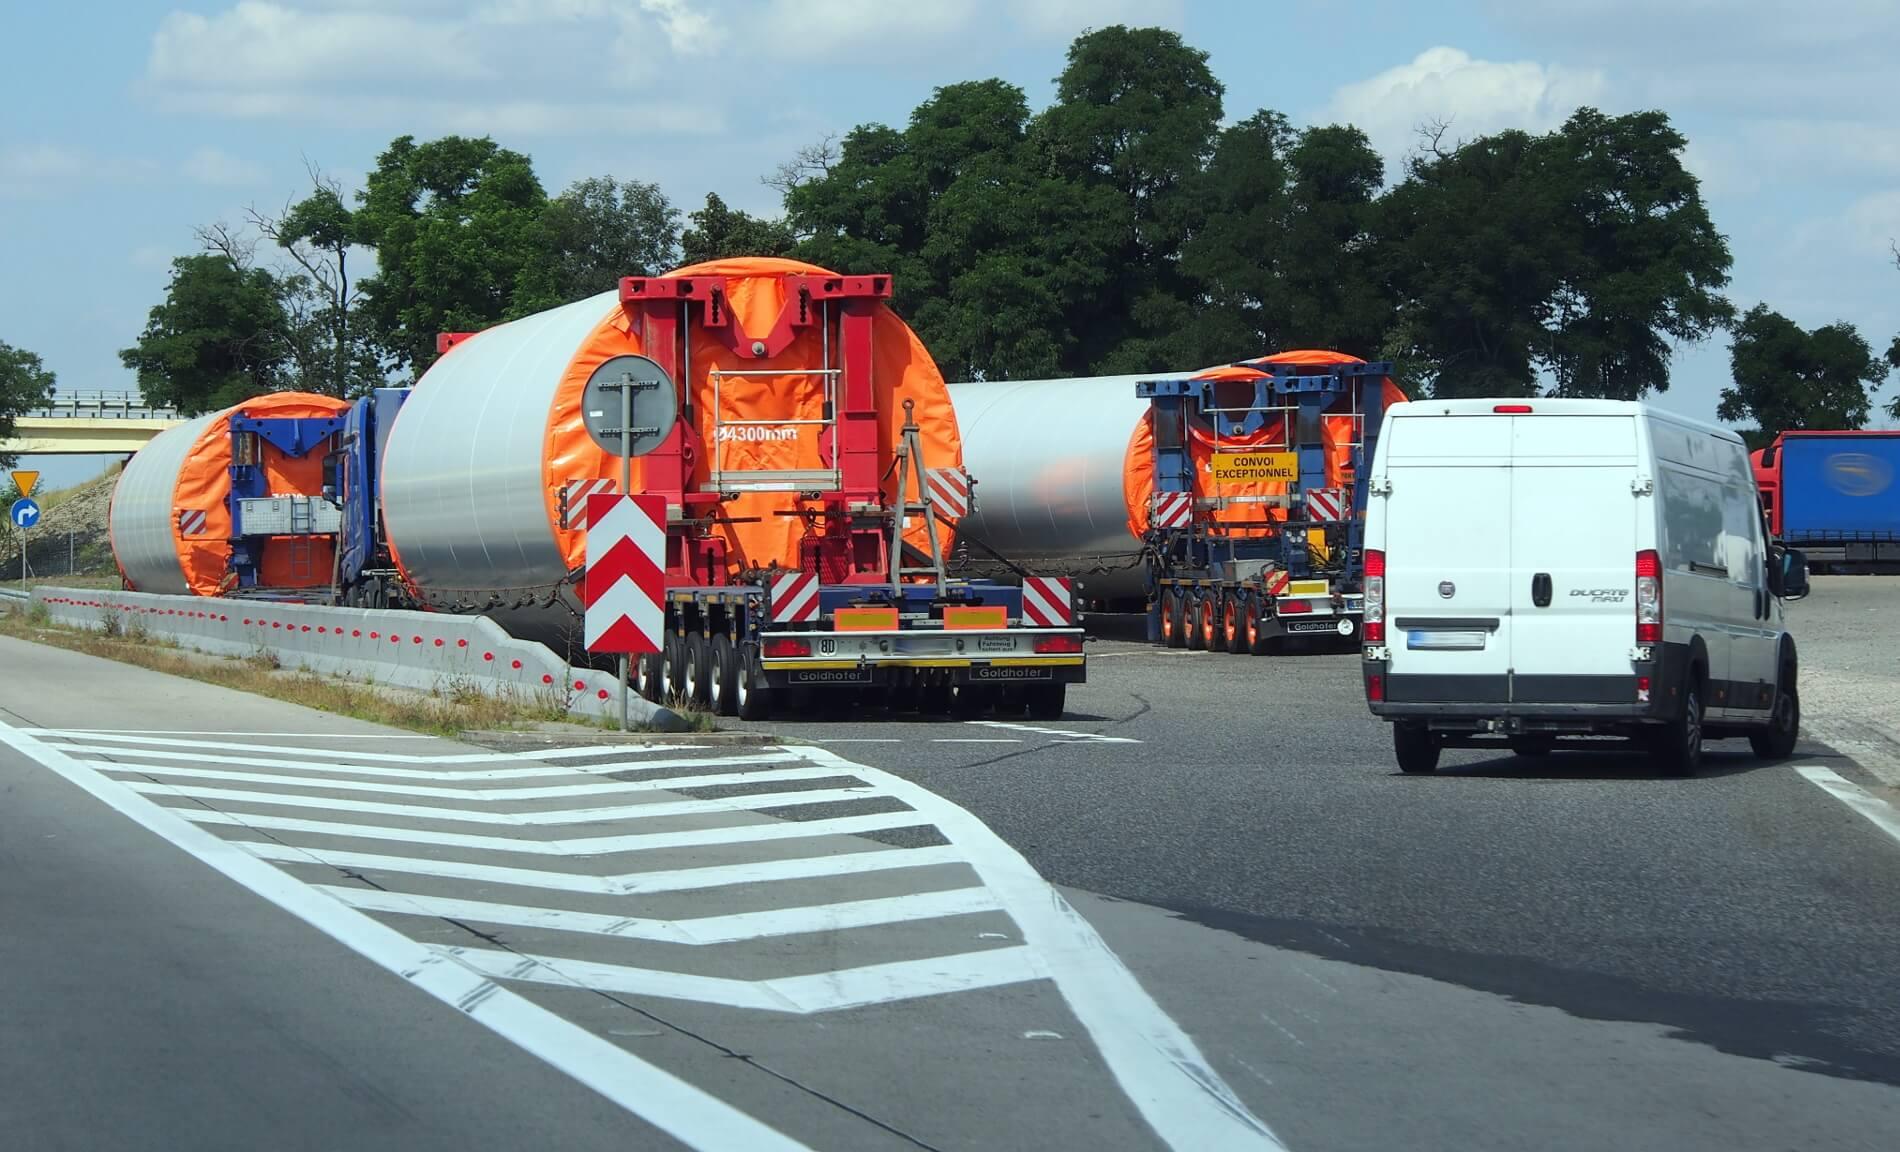 Változások a speciális szállítások terén Dániában. Ezentúl nem a rendőrség fogja kiadni az engedélyeket